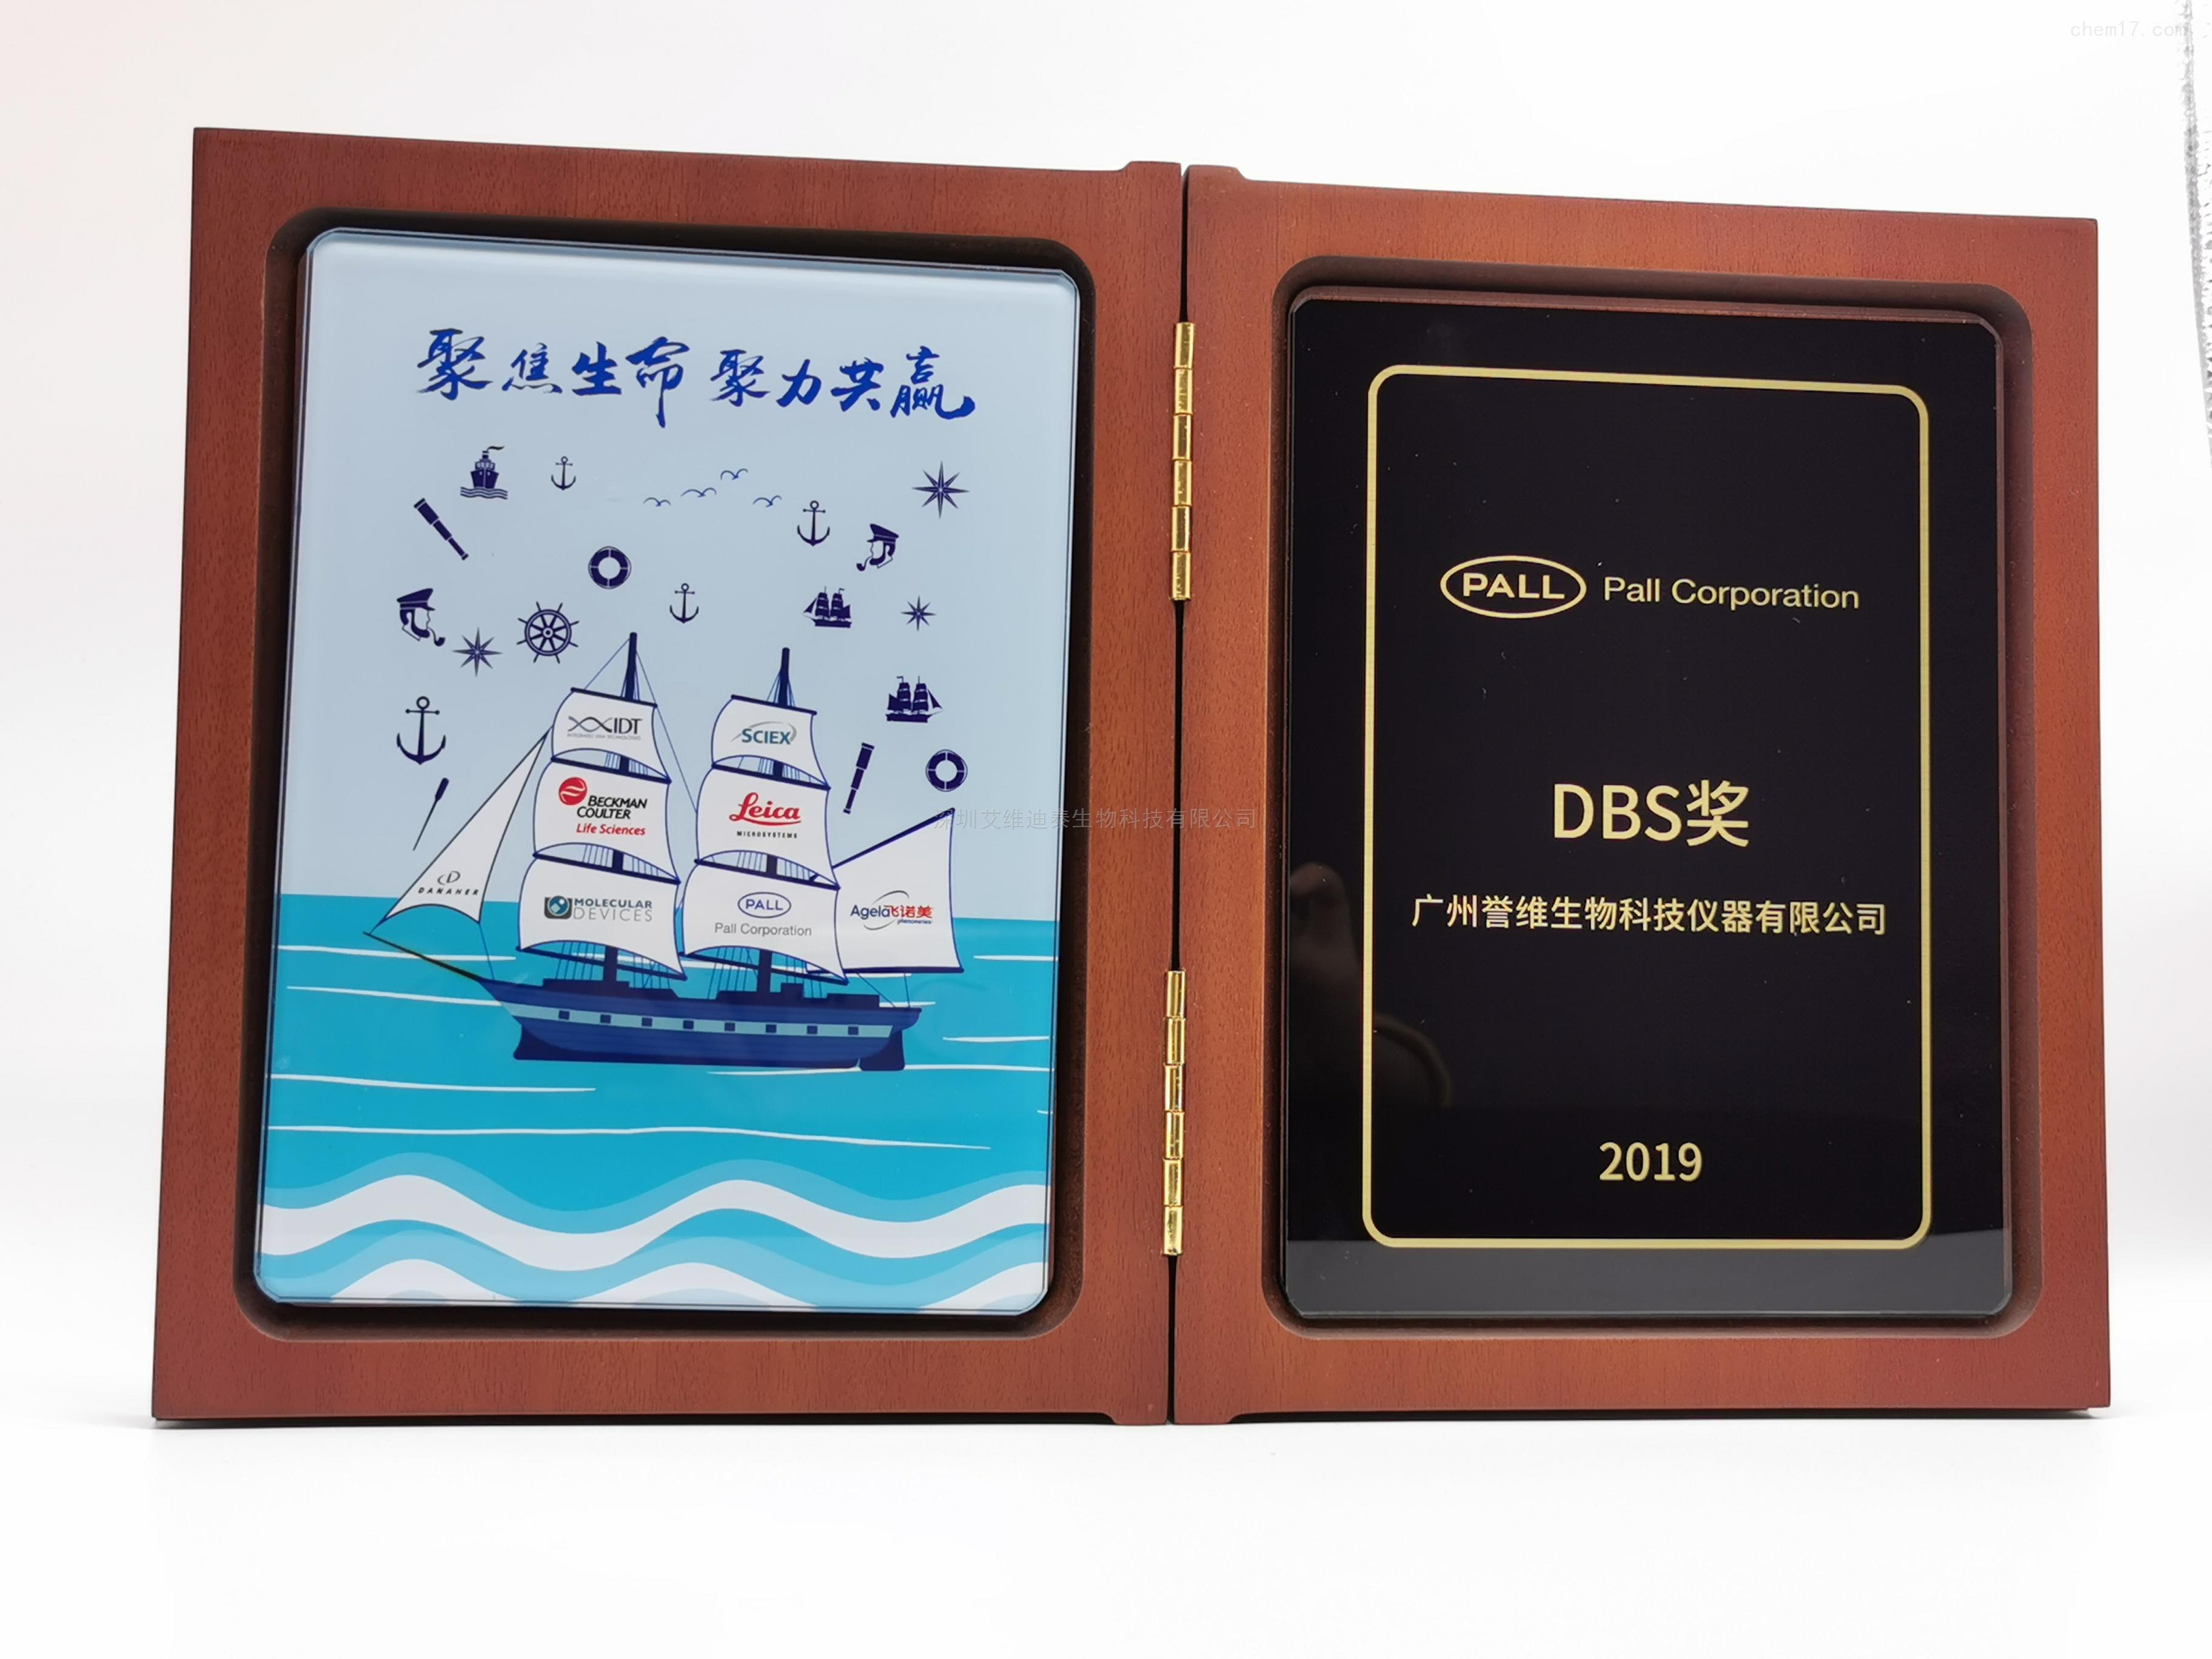 榮獲PALL DBS獎